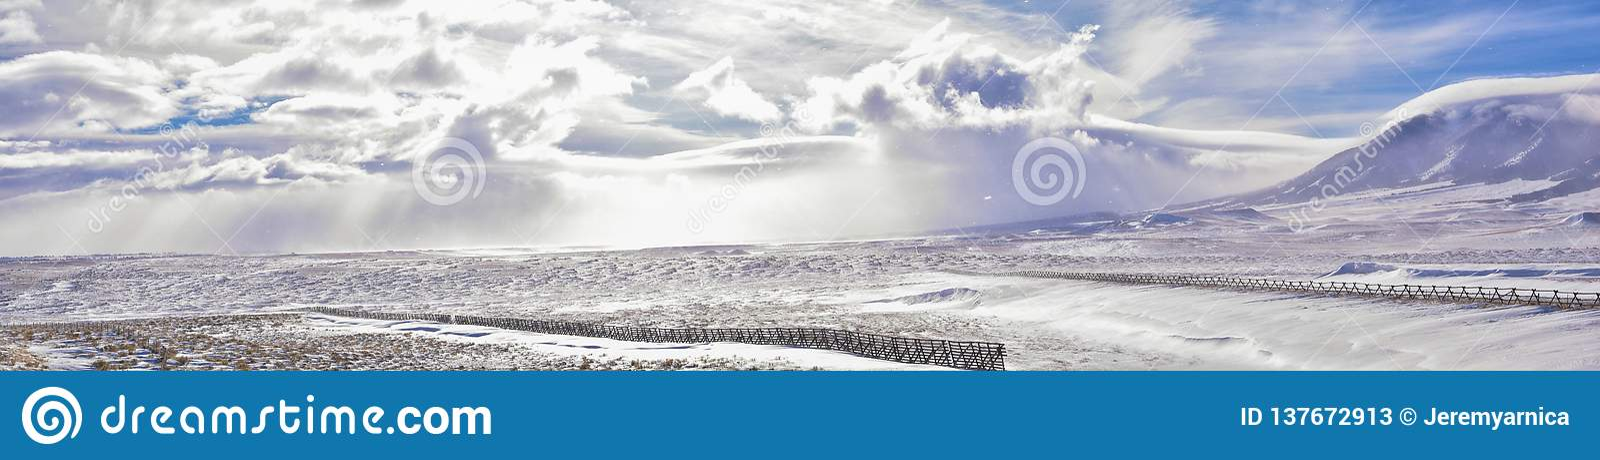 在一场飞雪期间的怀俄明乡下全景与与积雪的山与阴云密布灰色多云天空